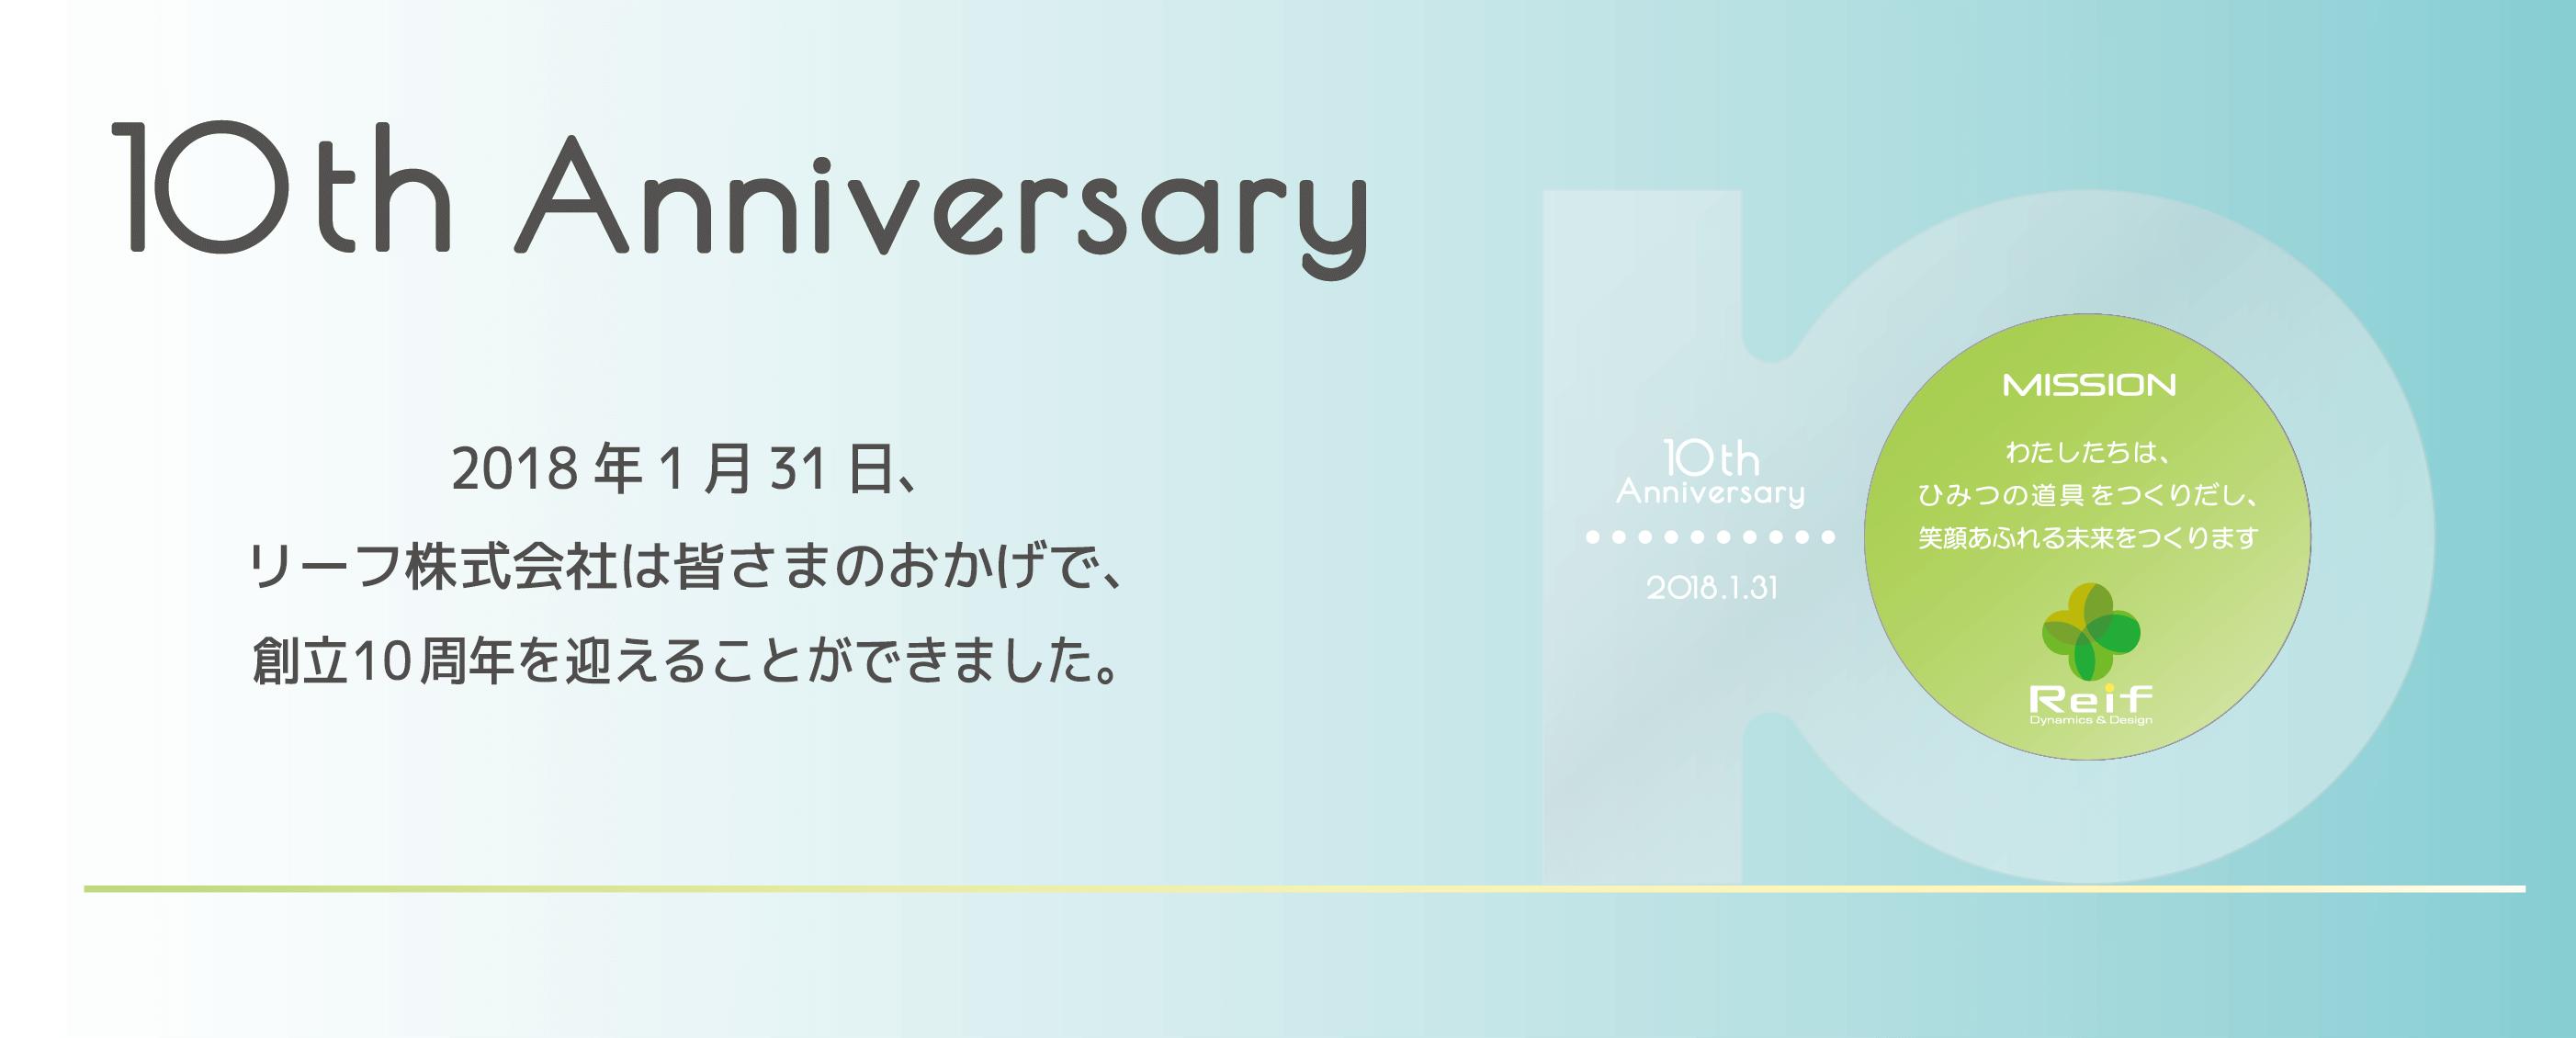 2018年1月31日、リーフ株式会社は皆さまのおかげで創立10周年を迎えることができました。